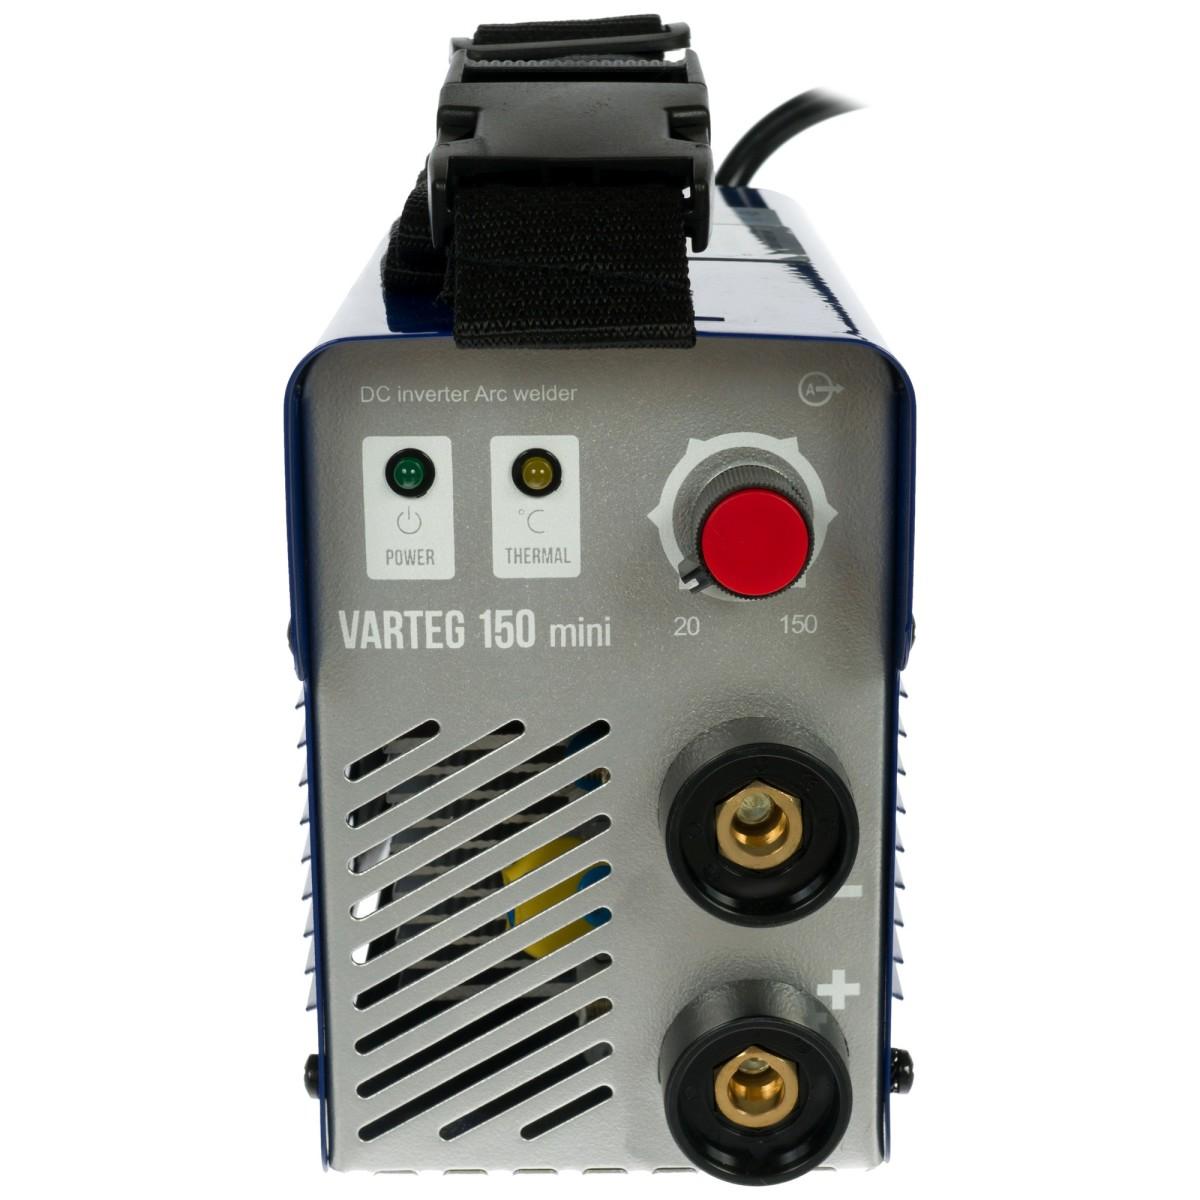 Дуговой Сварочный Инвертор Foxweld Varteg 150 Mini 5730